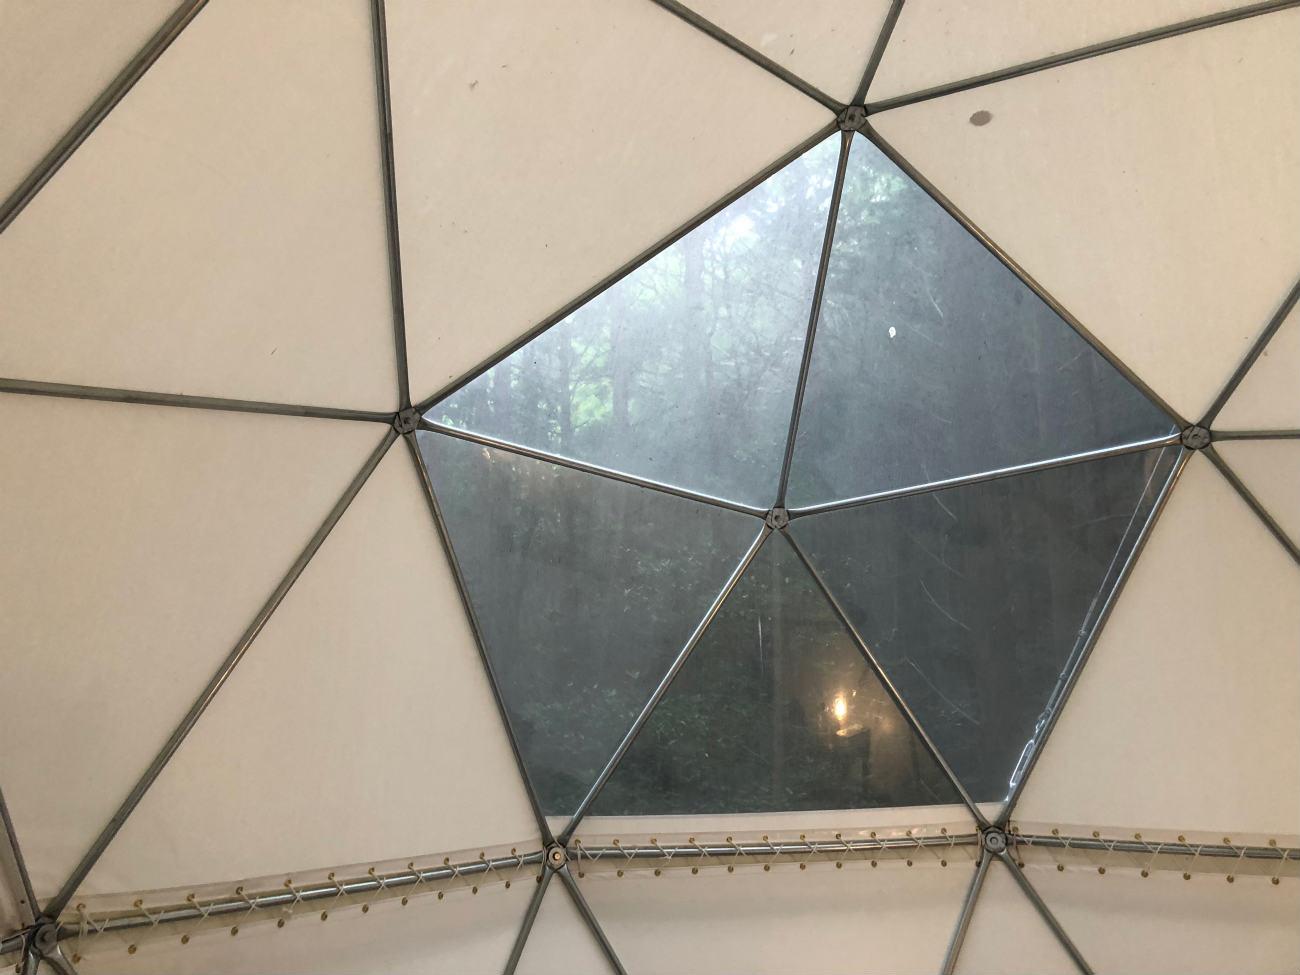 球体テントの窓